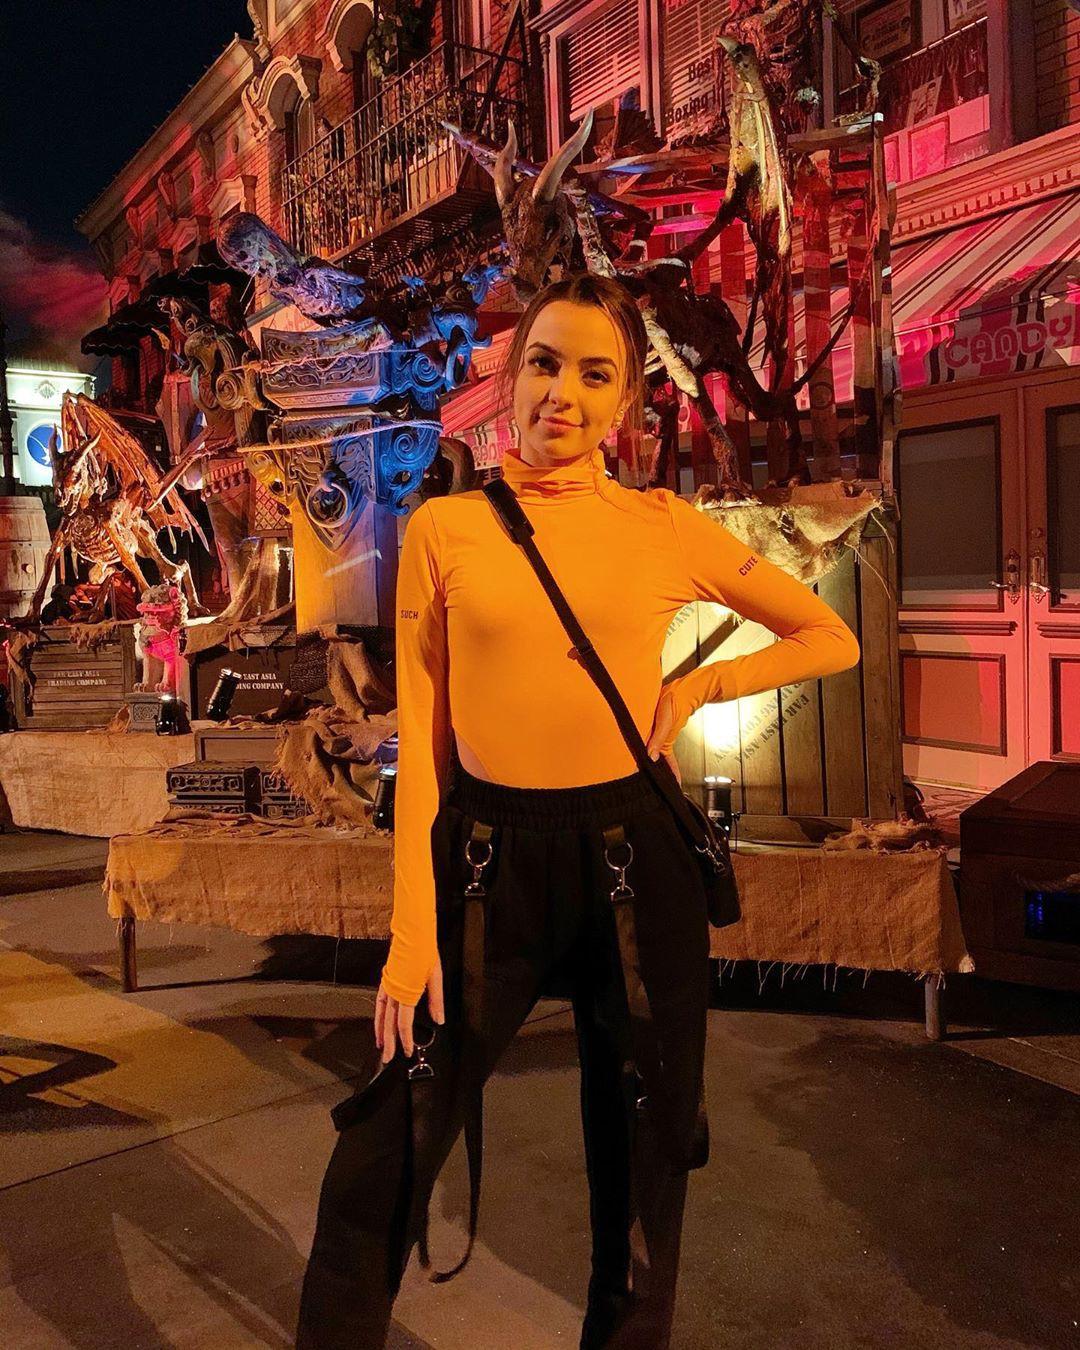 Vanessa Merrell outdoor fun, attire ideas, performance